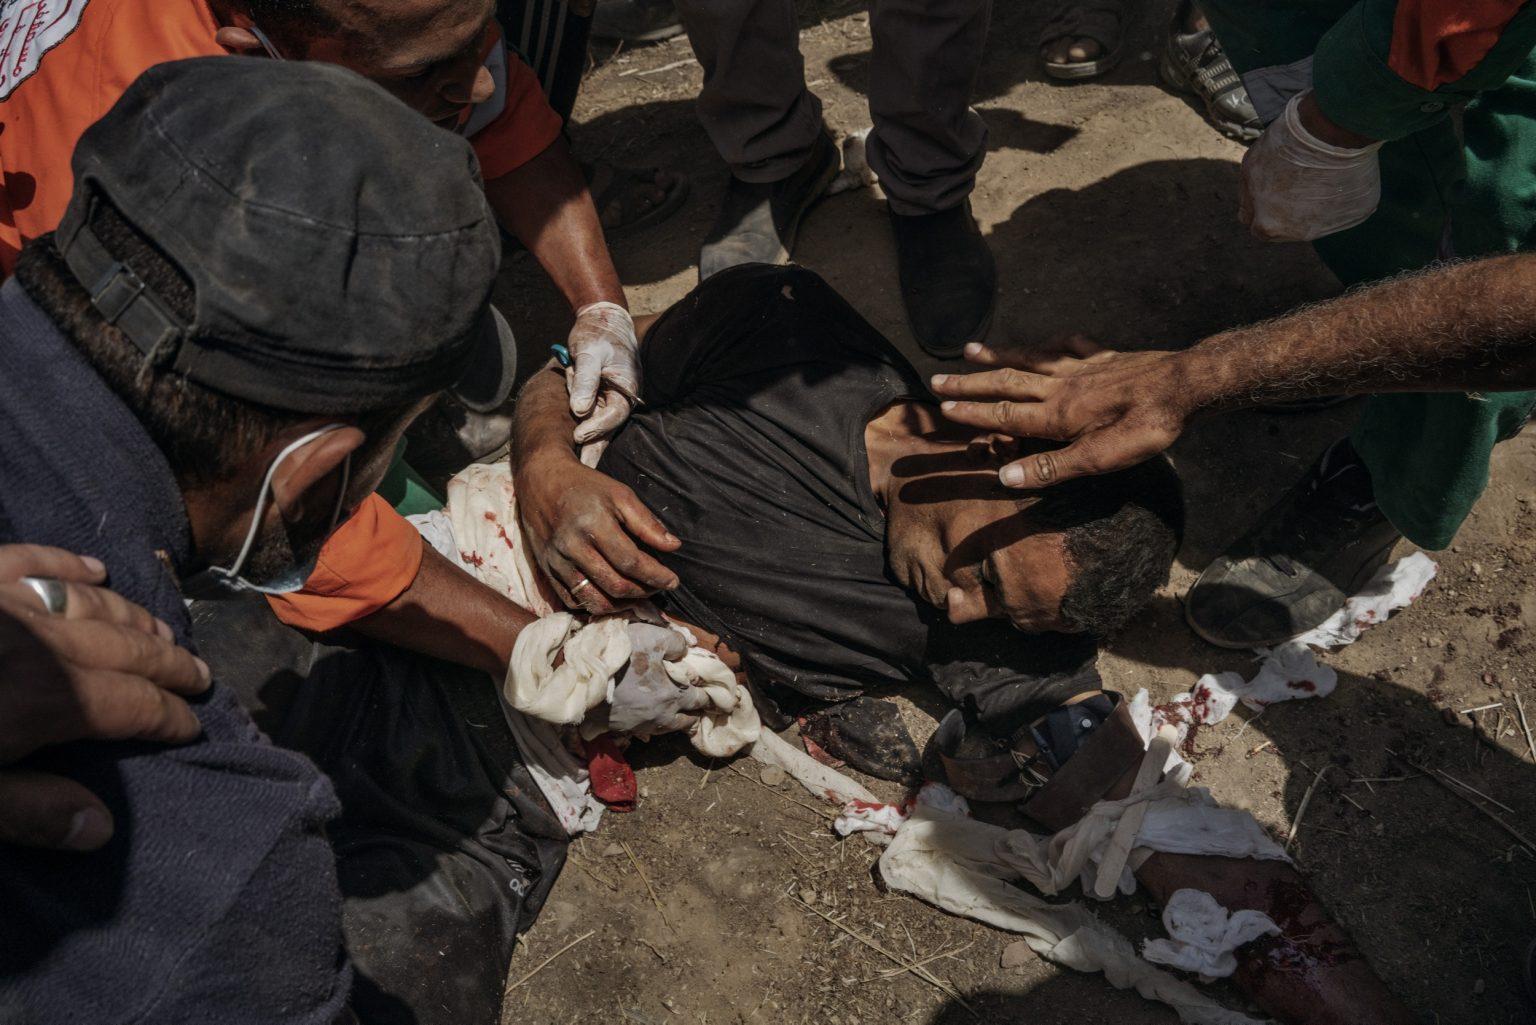 Gaza Strip, May 2018 - Paramedics assist a man who was injured in the chest and arms by Israeli troops along the Gaza border. >< Striscia di Gaza, maggio 2018 - Paramedici assistono un uomo palestinese ferito al petto da una pallottola durante le proteste lungo il confine tra Gaza e Israele.